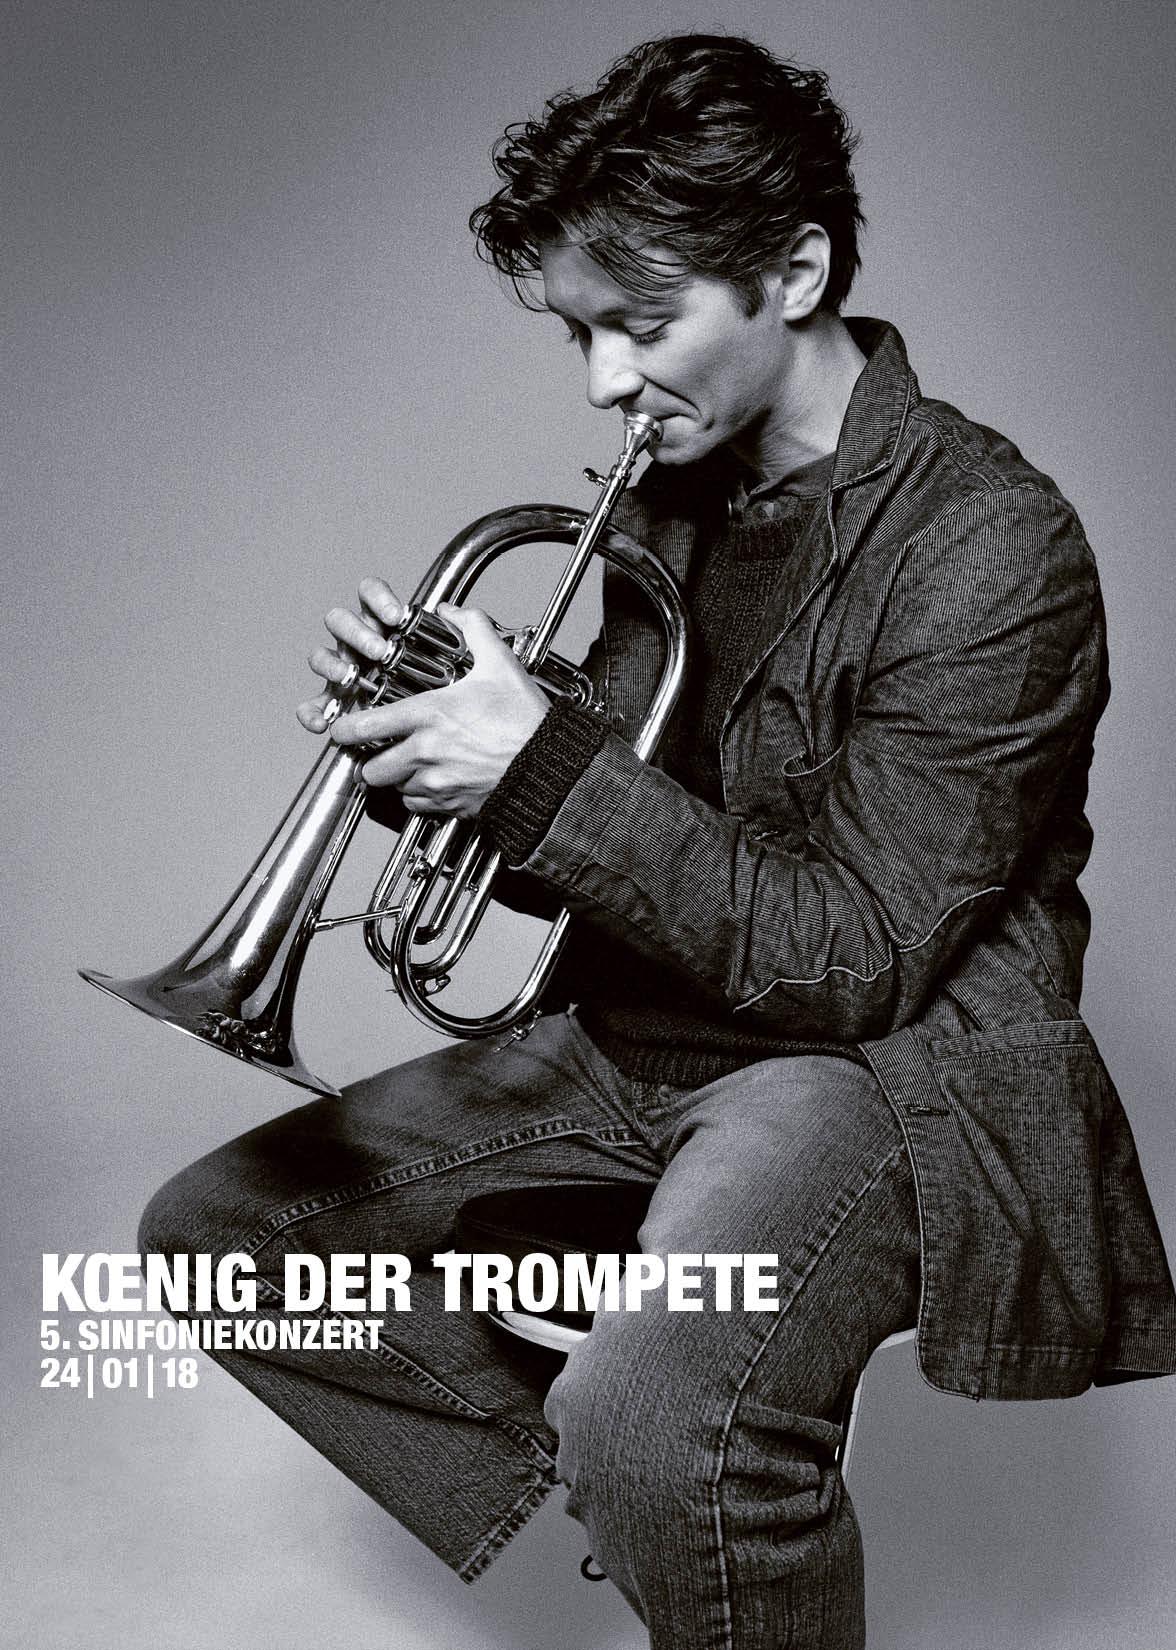 König der Trompete